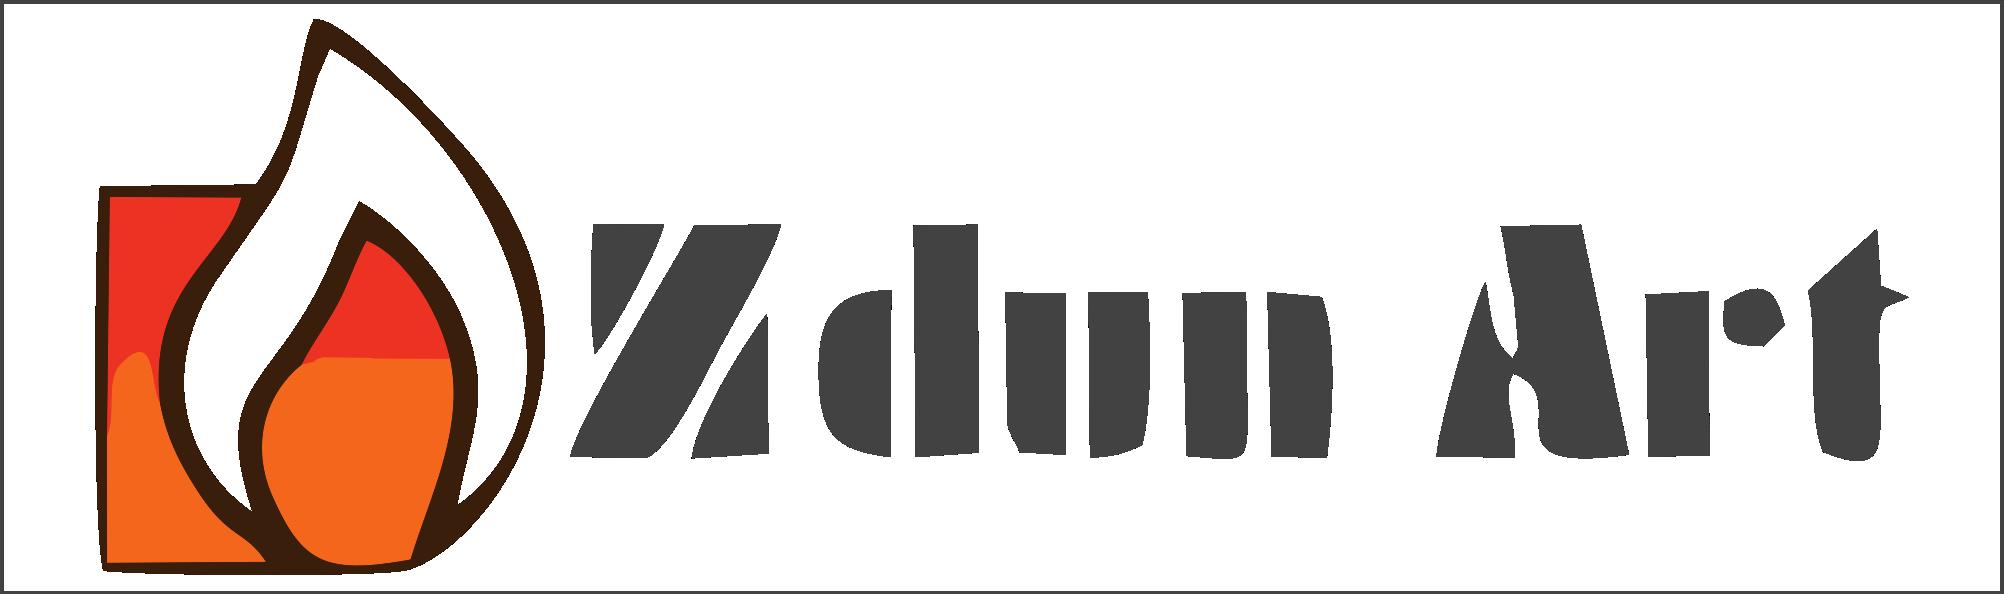 Zdun-art logo firmy zduńskiej